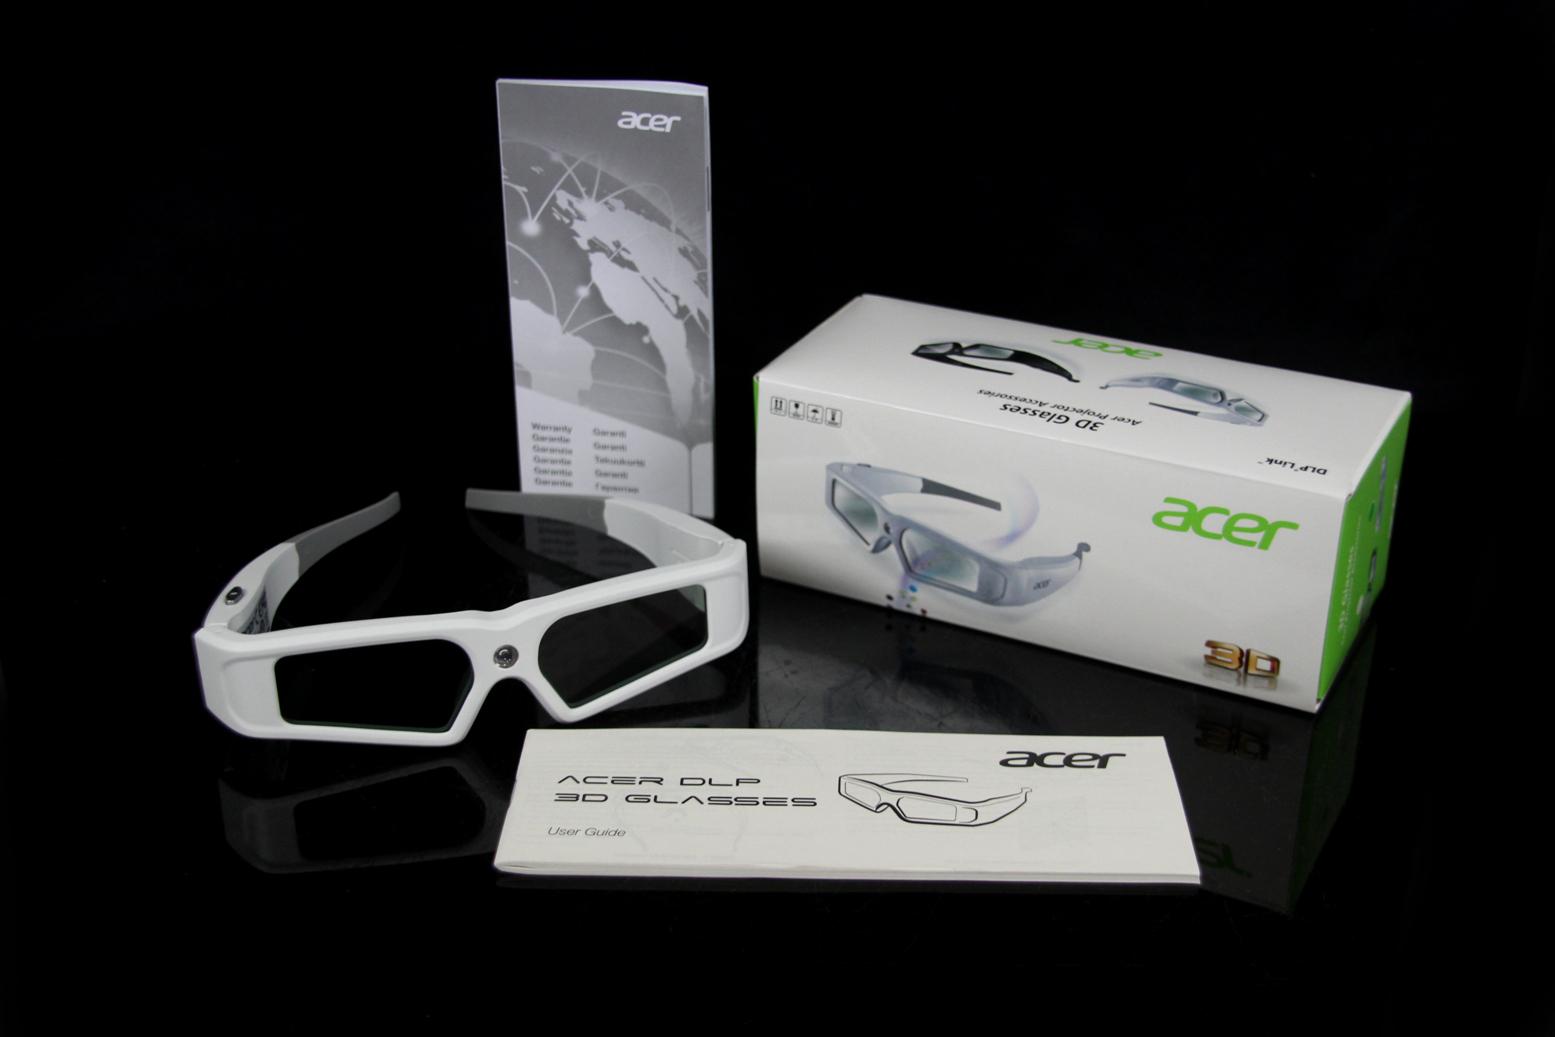 acer e2w v2 dlp 3d shutterbrille f r 3d beamer brille. Black Bedroom Furniture Sets. Home Design Ideas